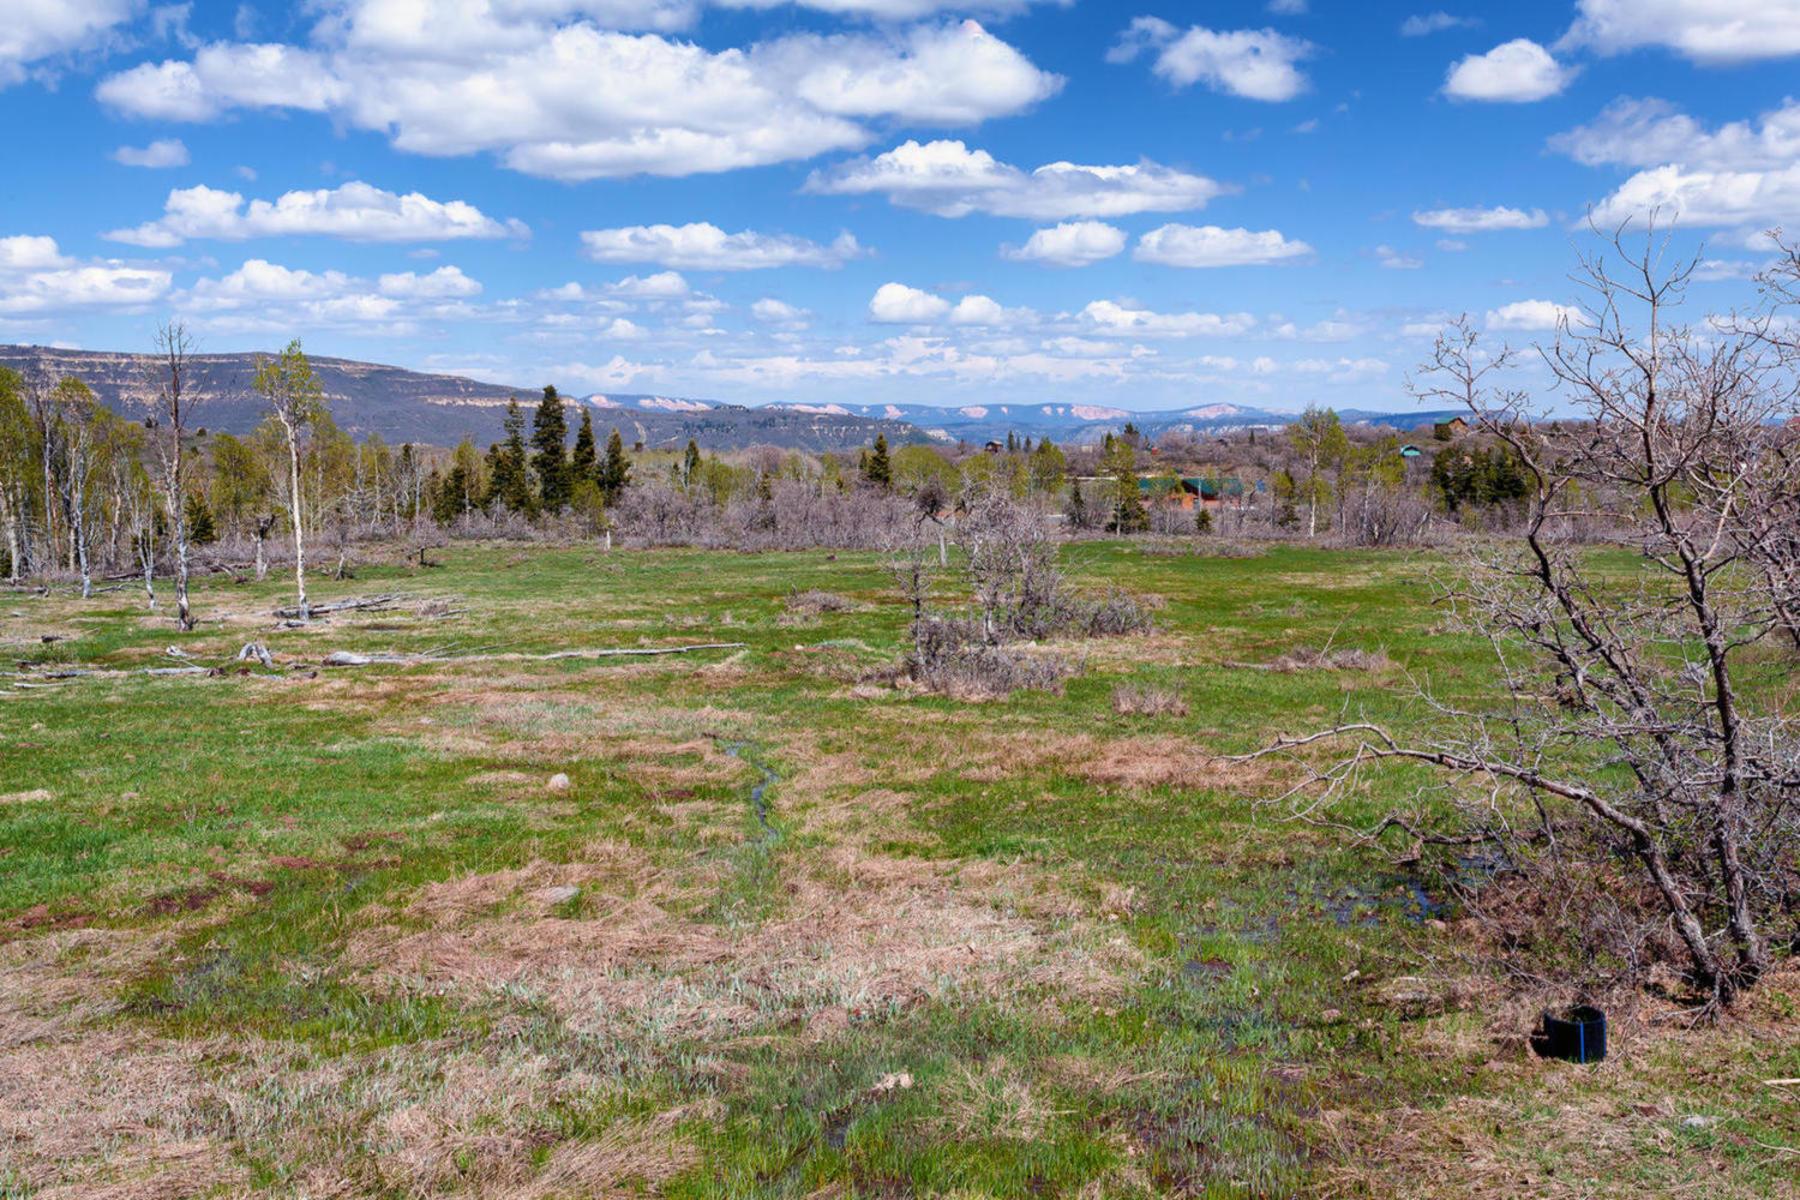 Đất đai vì Bán tại Amazing Mountain View Lot in Whispering Pines Whispering Pines, Lot #28, Virgin, Utah 84779 Hoa Kỳ